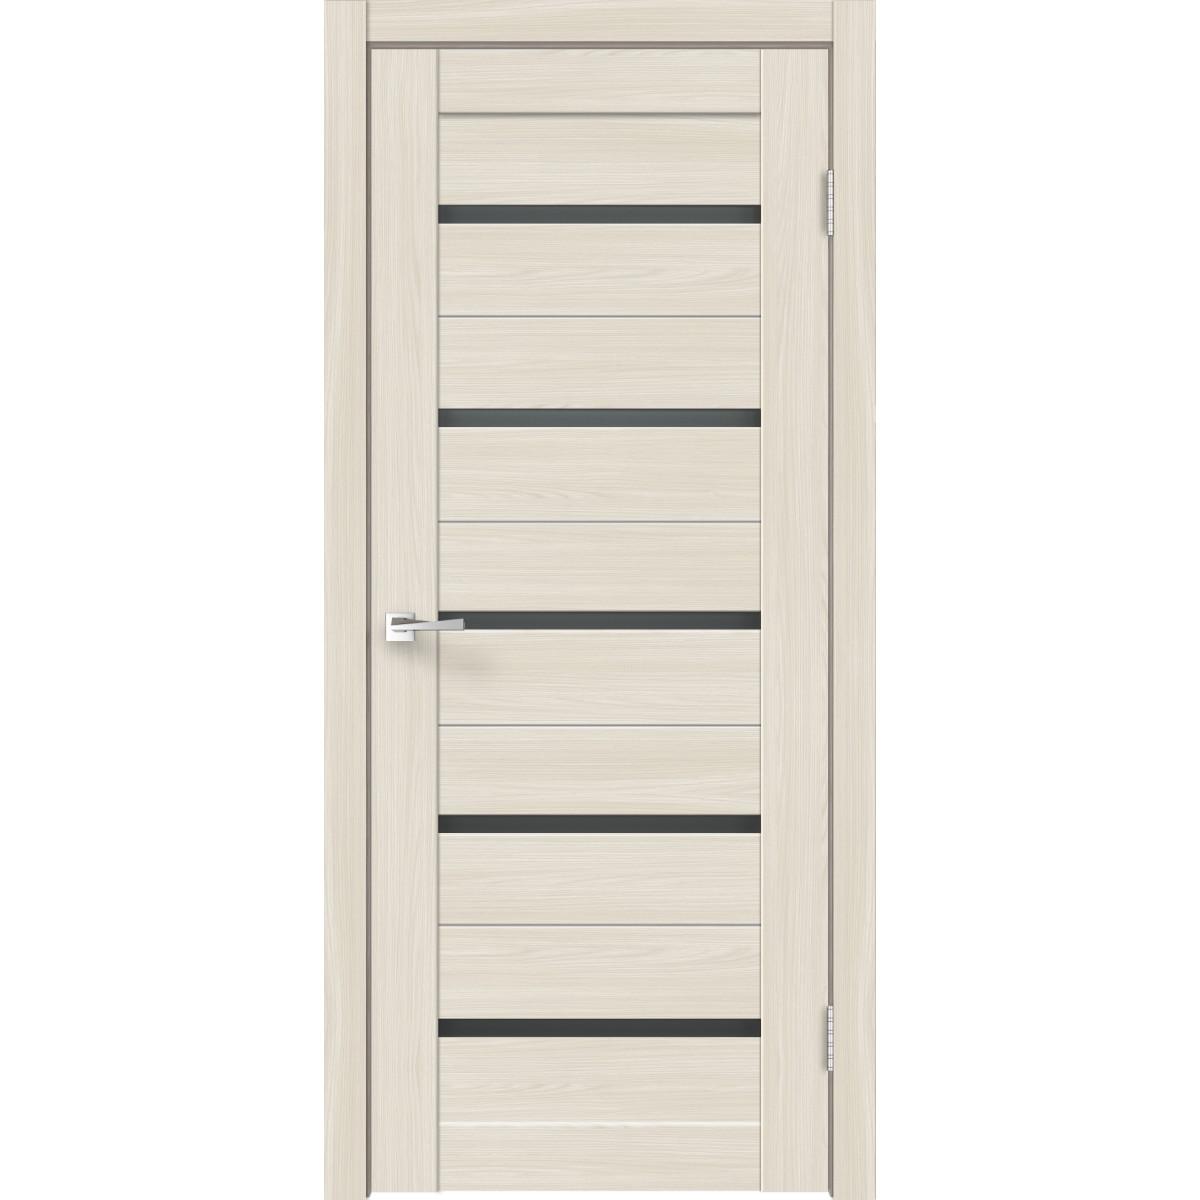 Дверь Межкомнатная Остеклённая Калипсо 80Х200 С Фурнитурой Hardflex Цвет Ясень Бора